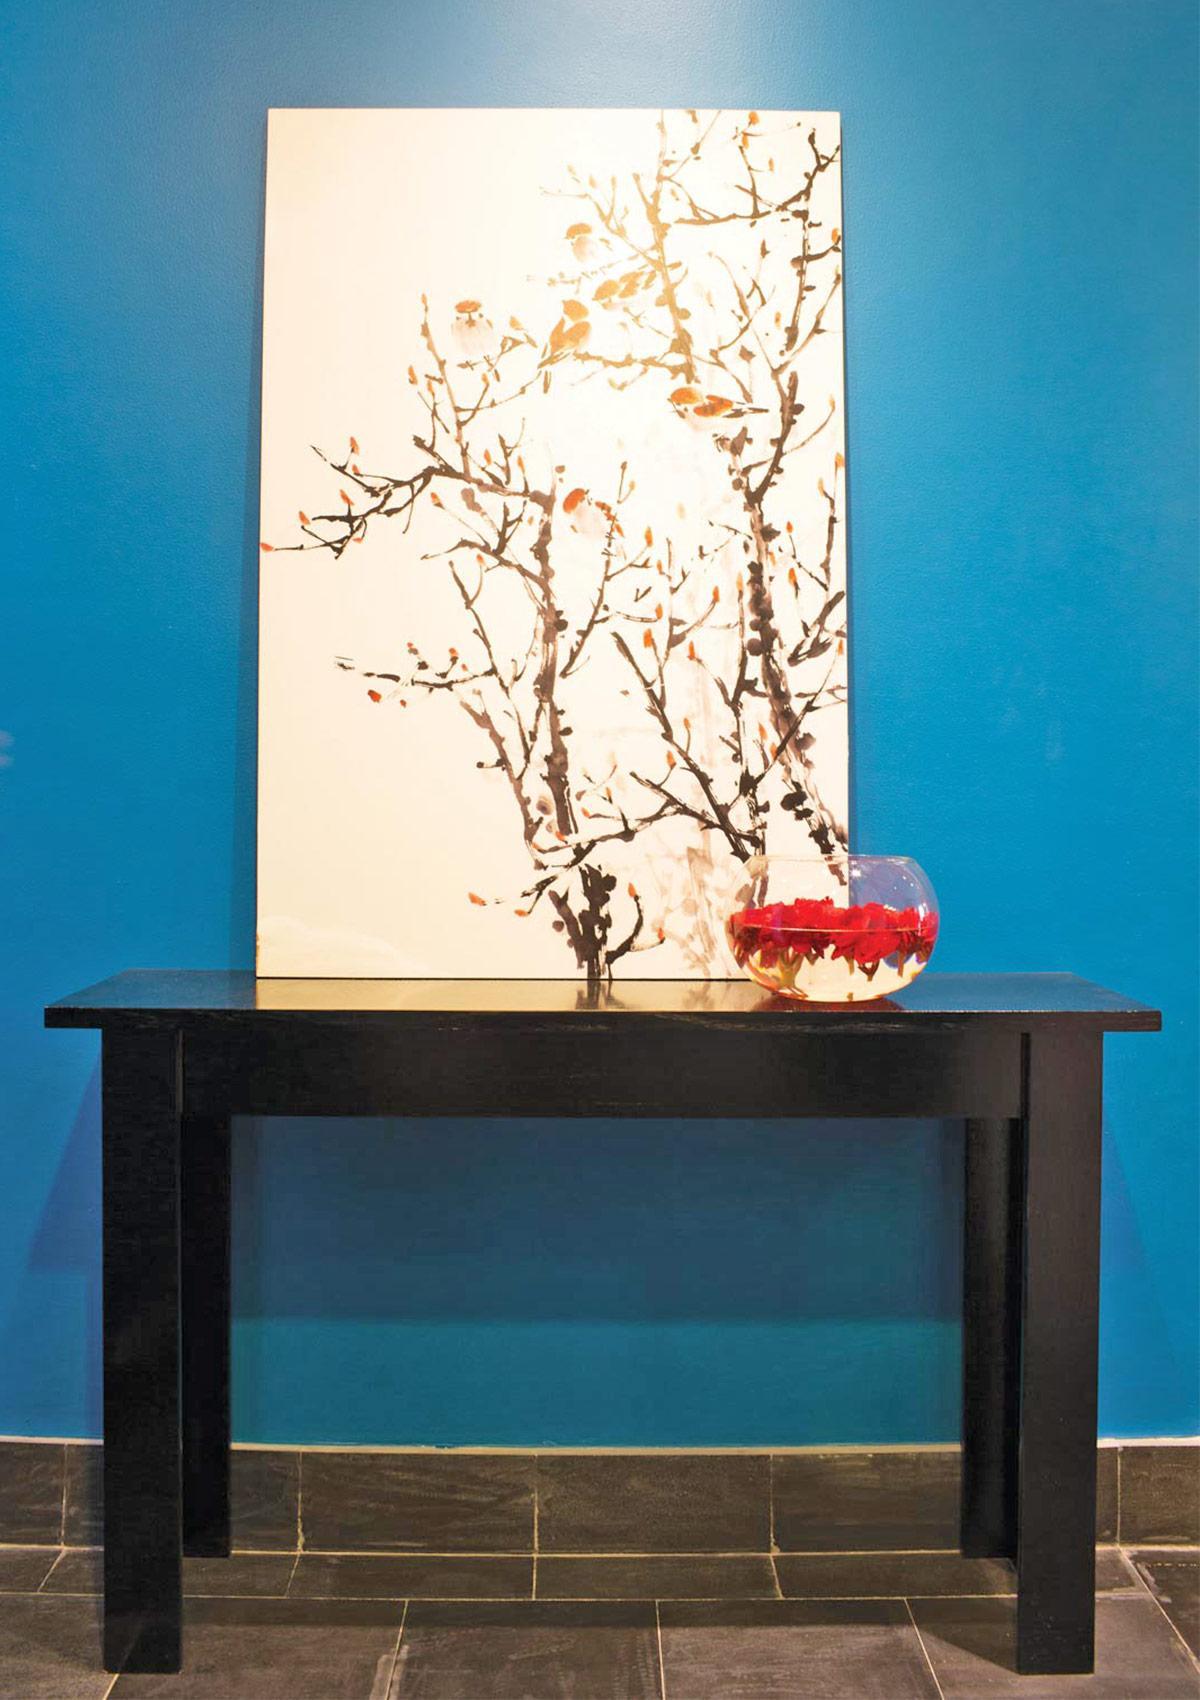 Đón xuân với mẫu thiết kế nội thất căn hộ Saigon Pavillon 3 phòng ngủ theo phong cách Industrial